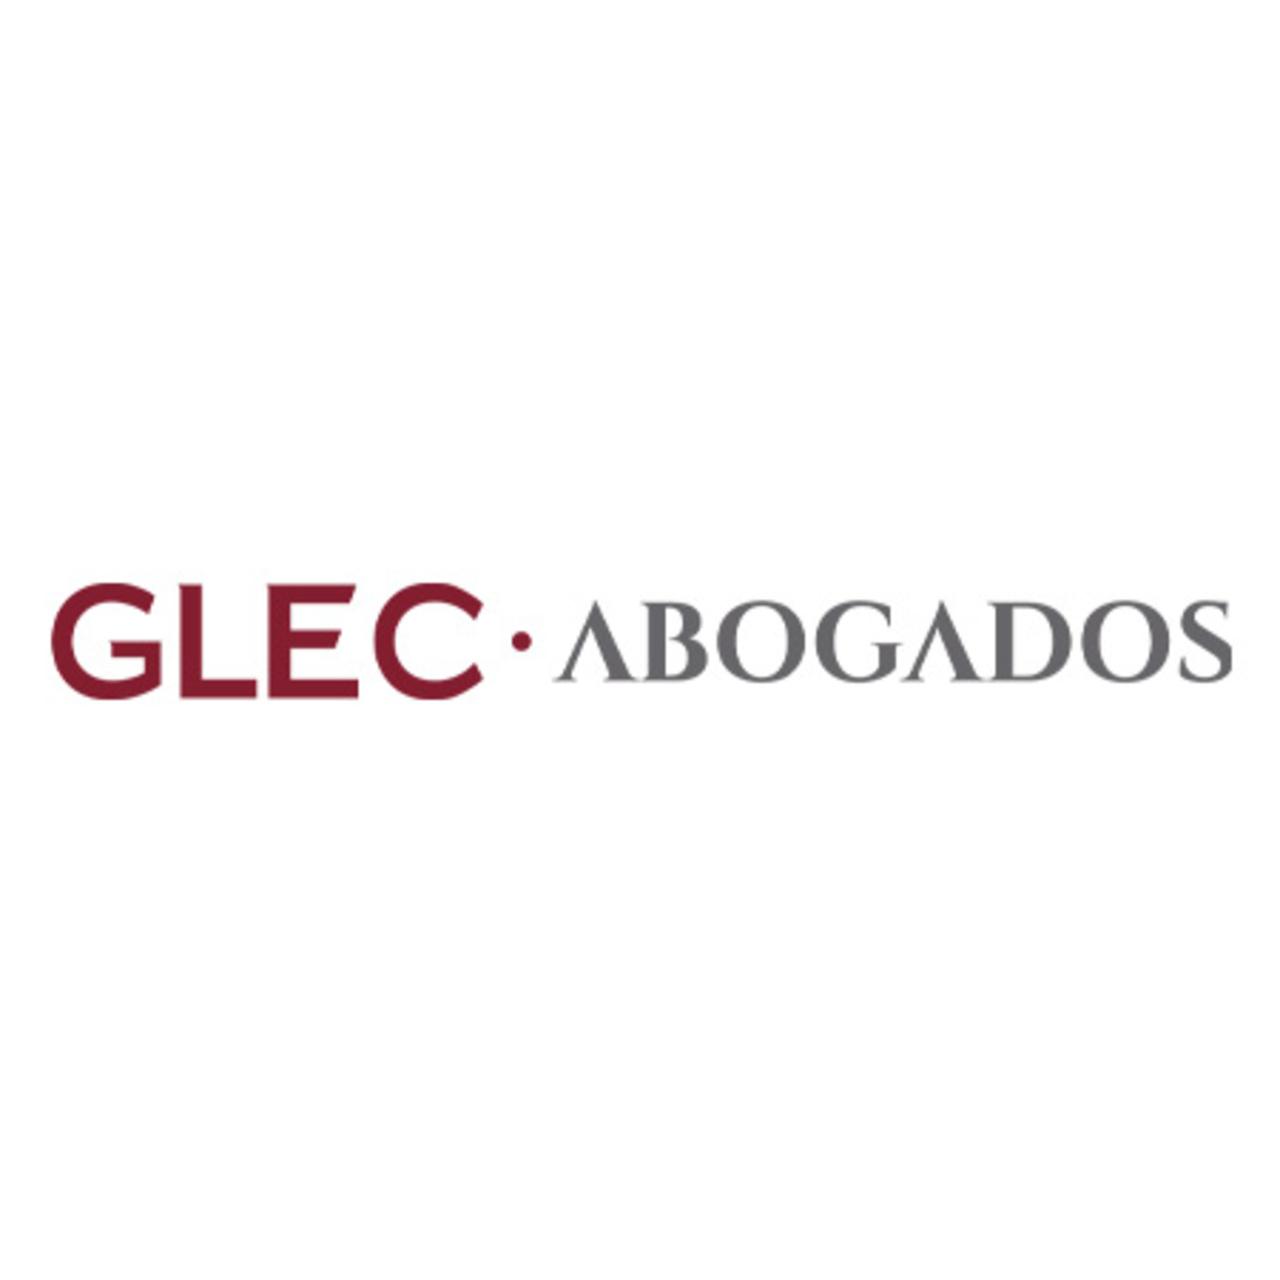 GLEC Abogados